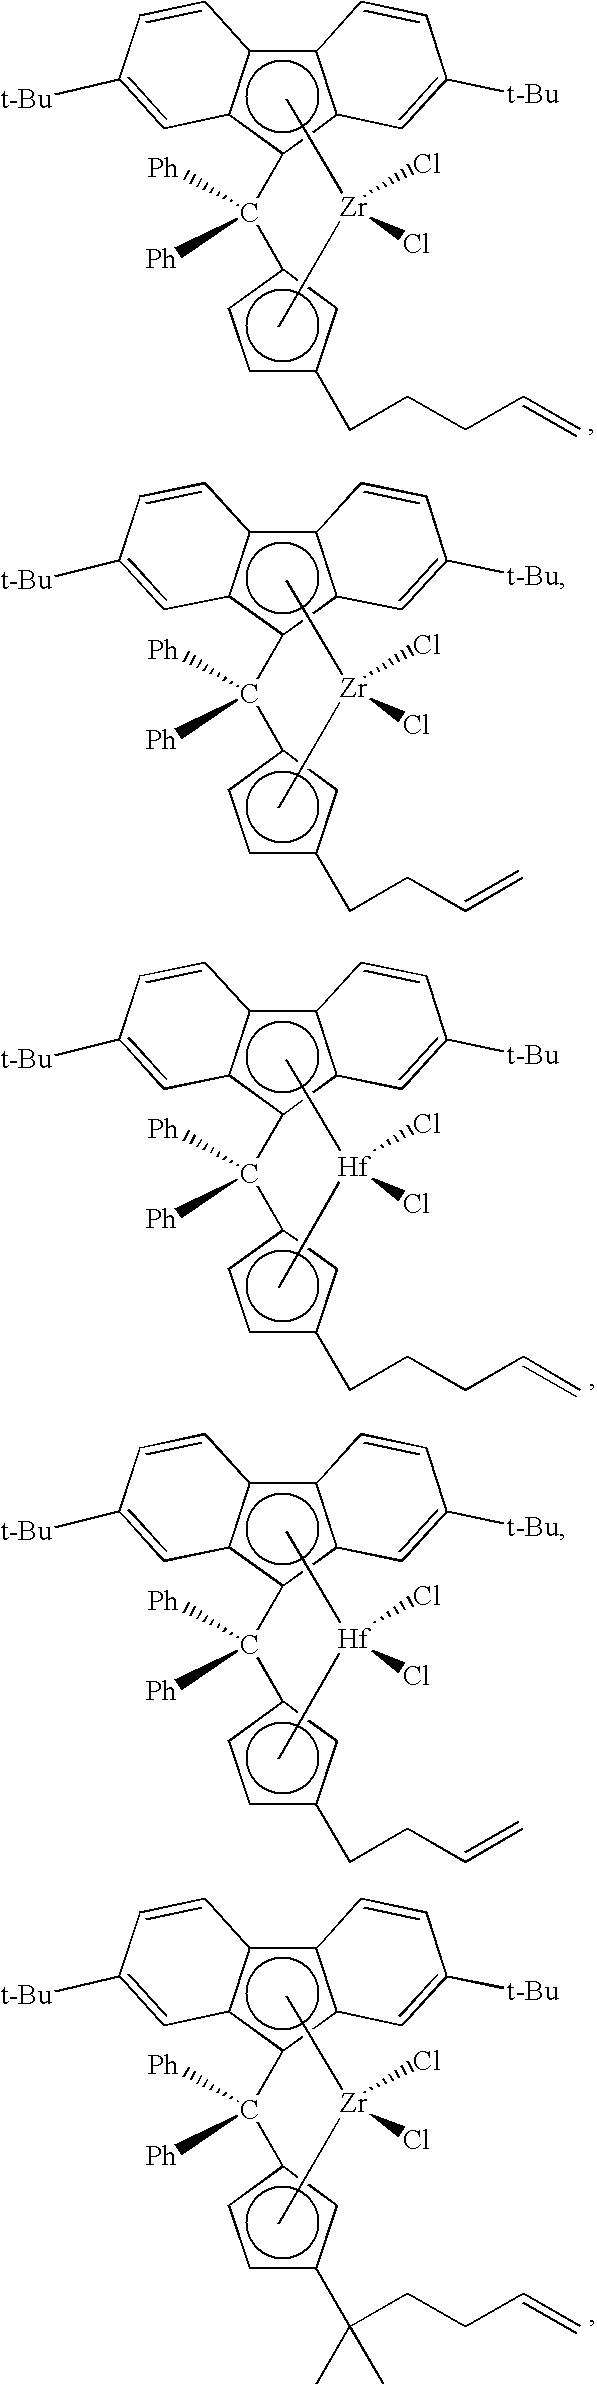 Figure US07619047-20091117-C00027